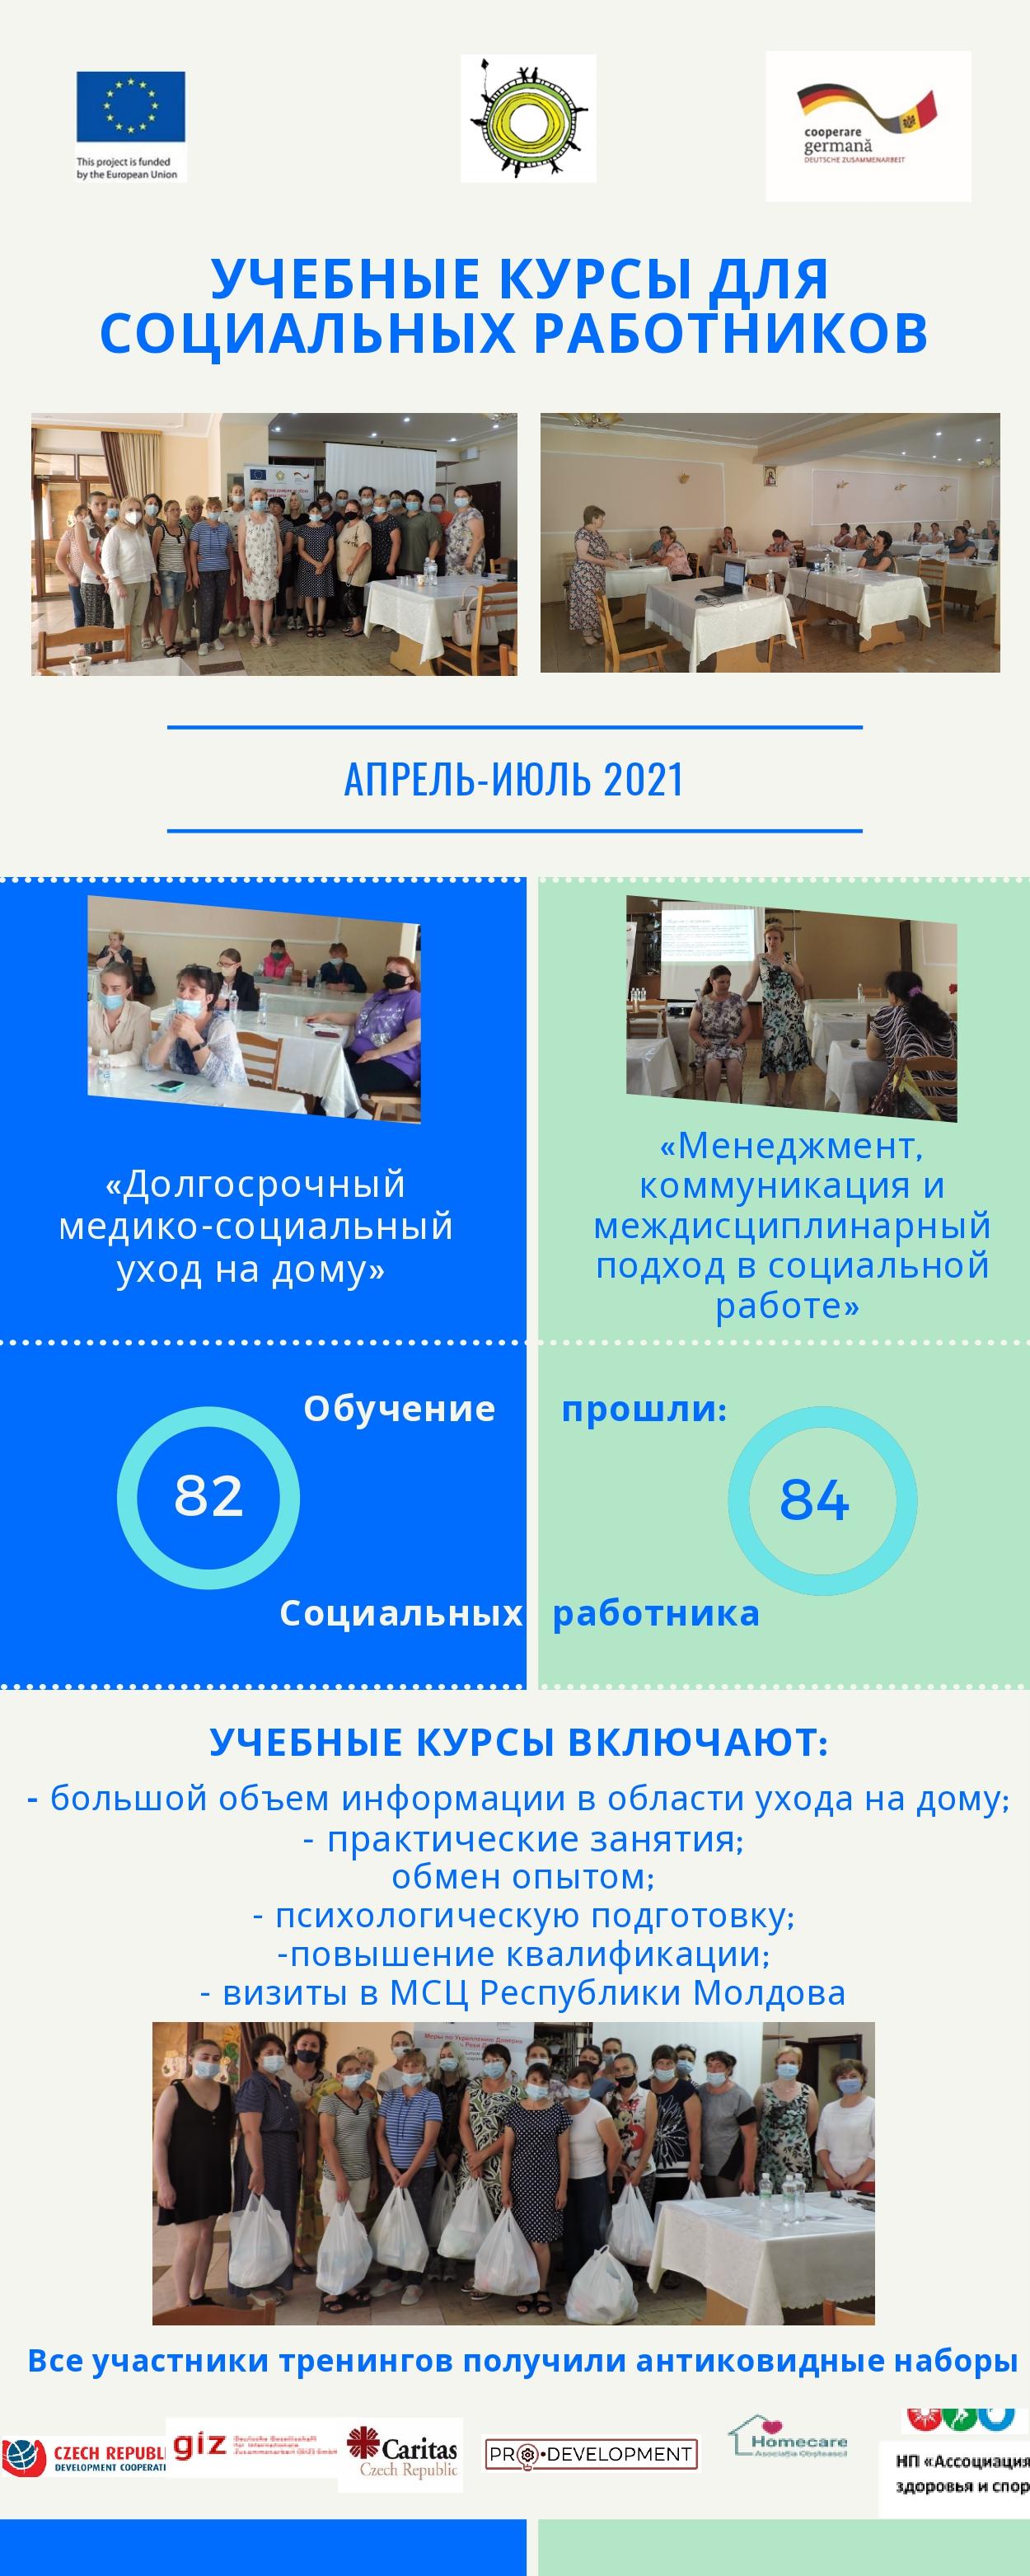 Учебные курсы для социальных работников.